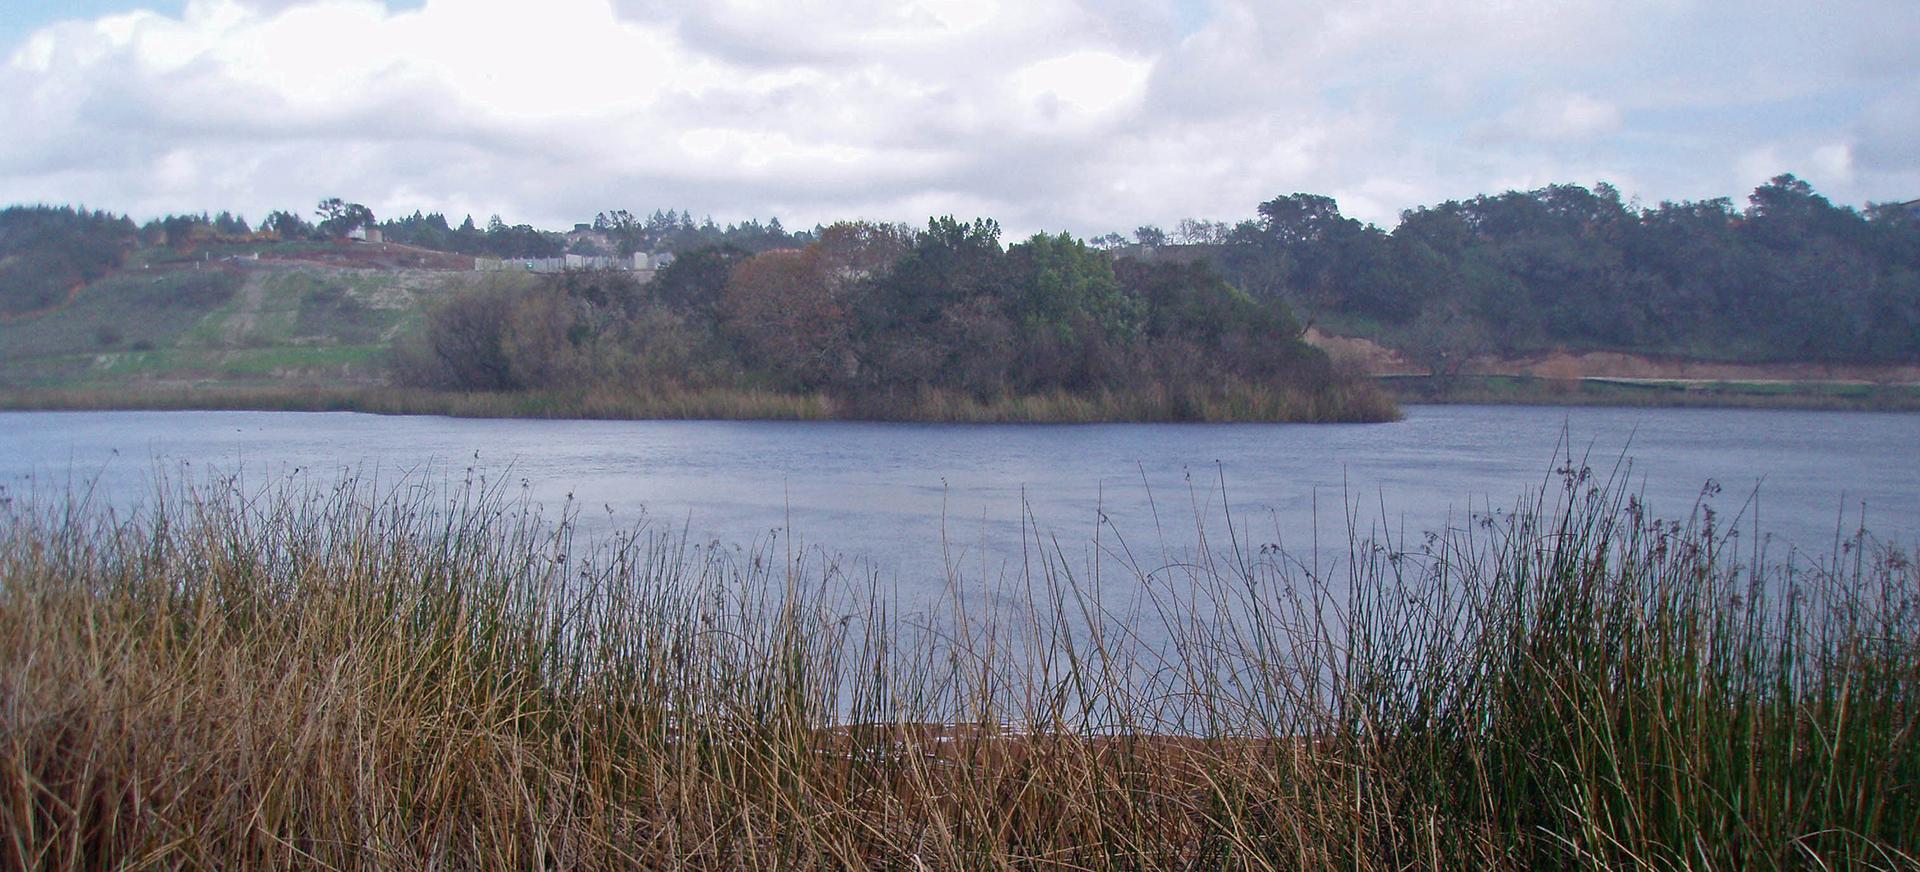 Fountaingrove Lake - Sonoma County, CA